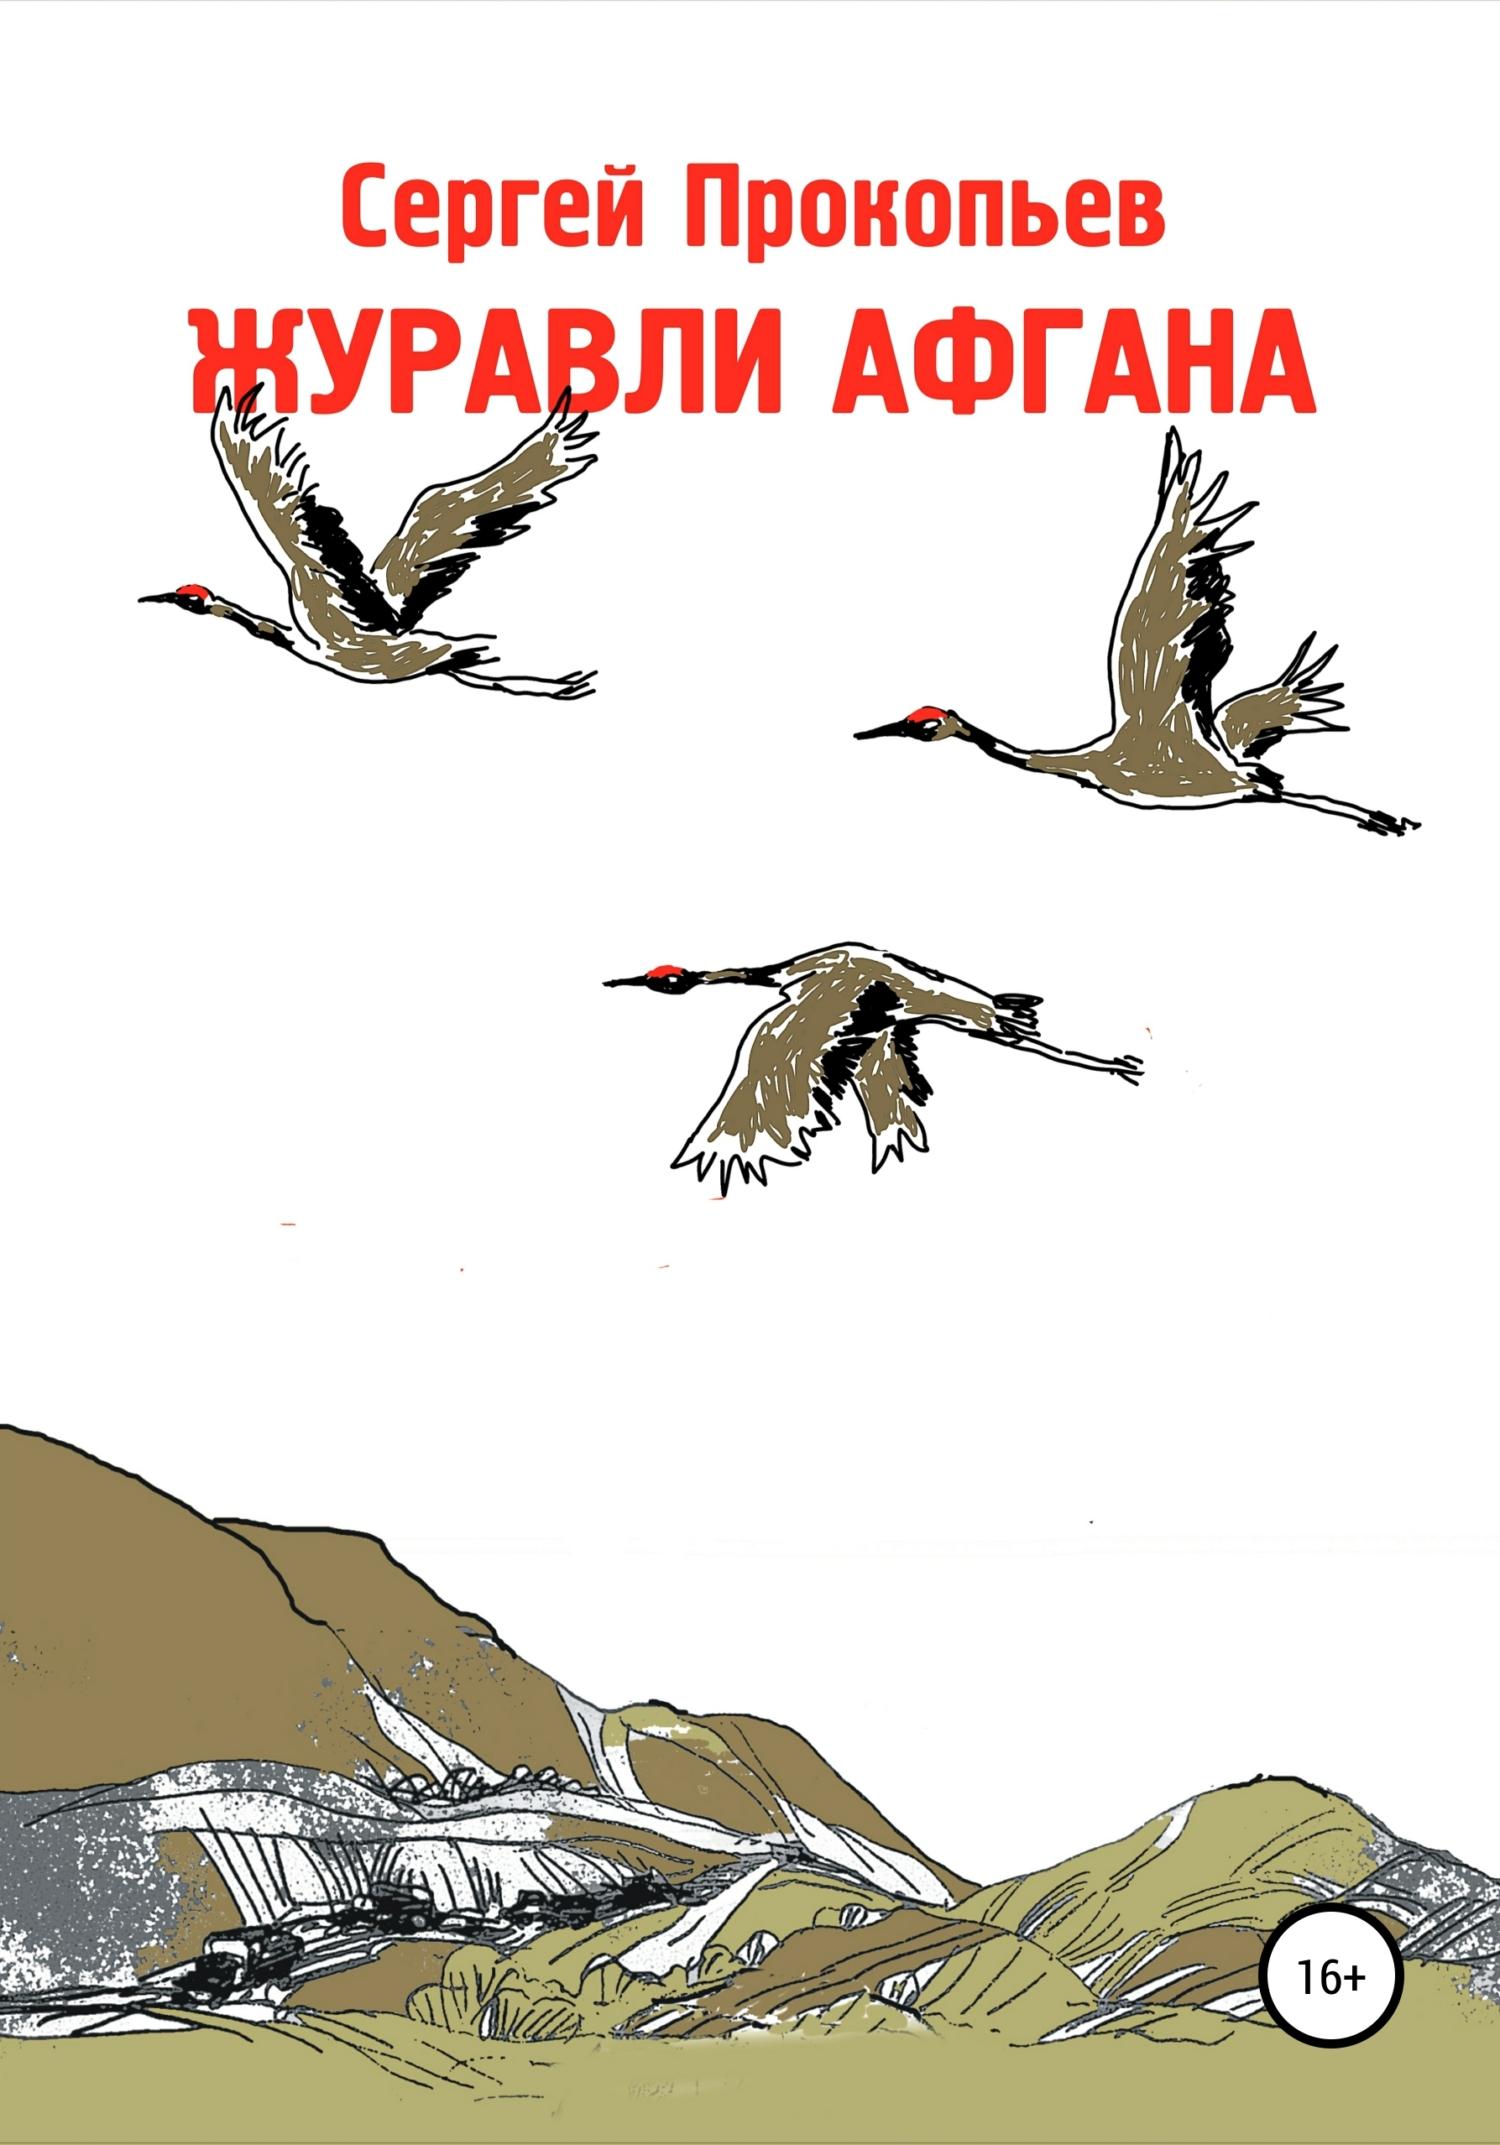 Купить книгу Журавли Афгана, автора Сергея Николаевича Прокопьева